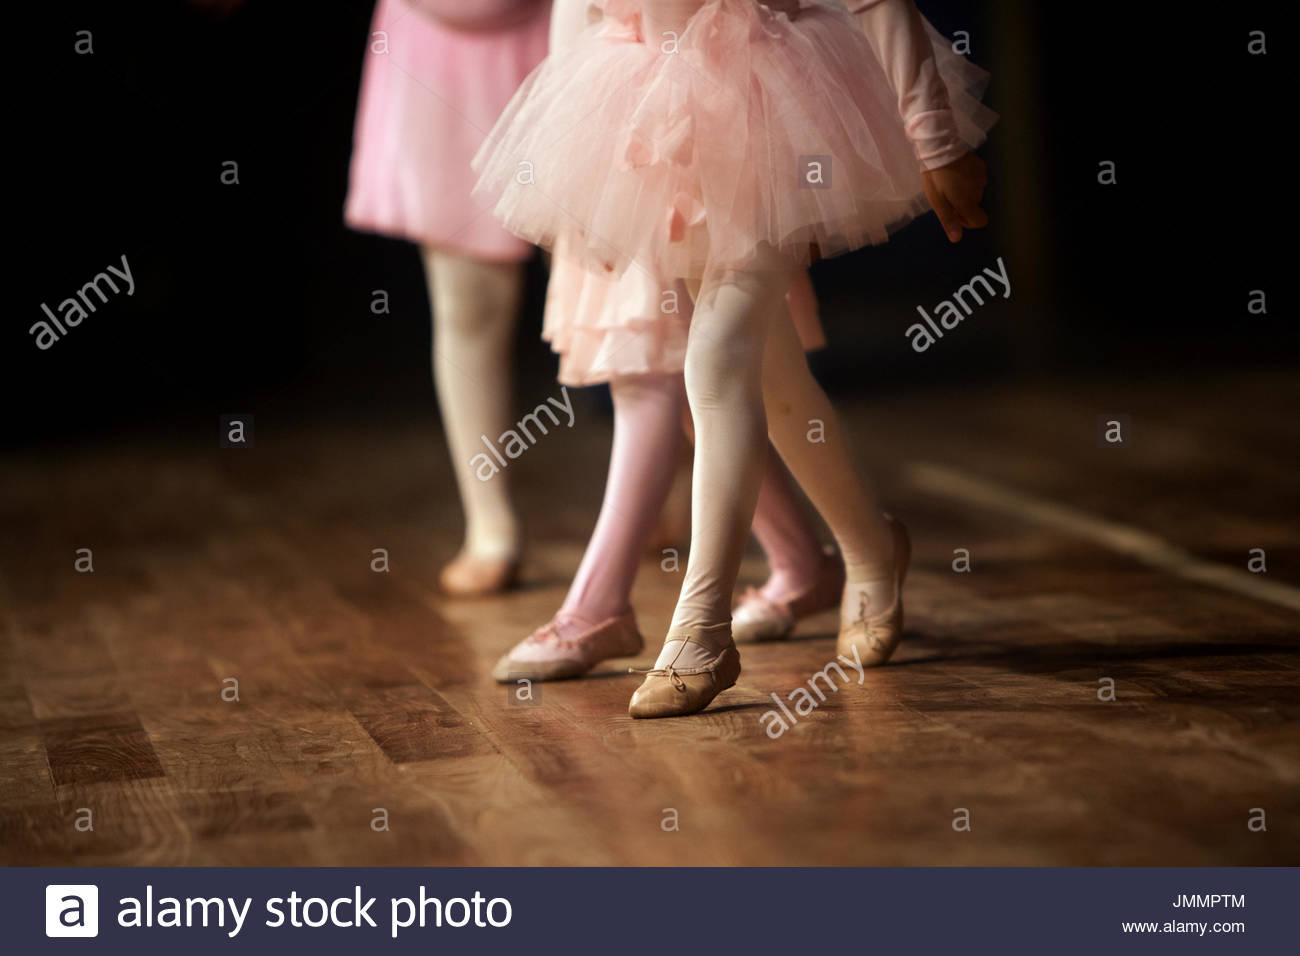 Ein 3 Jahre altes Mädchen auf der Bühne ihre Ballettaufführung. Stockfoto